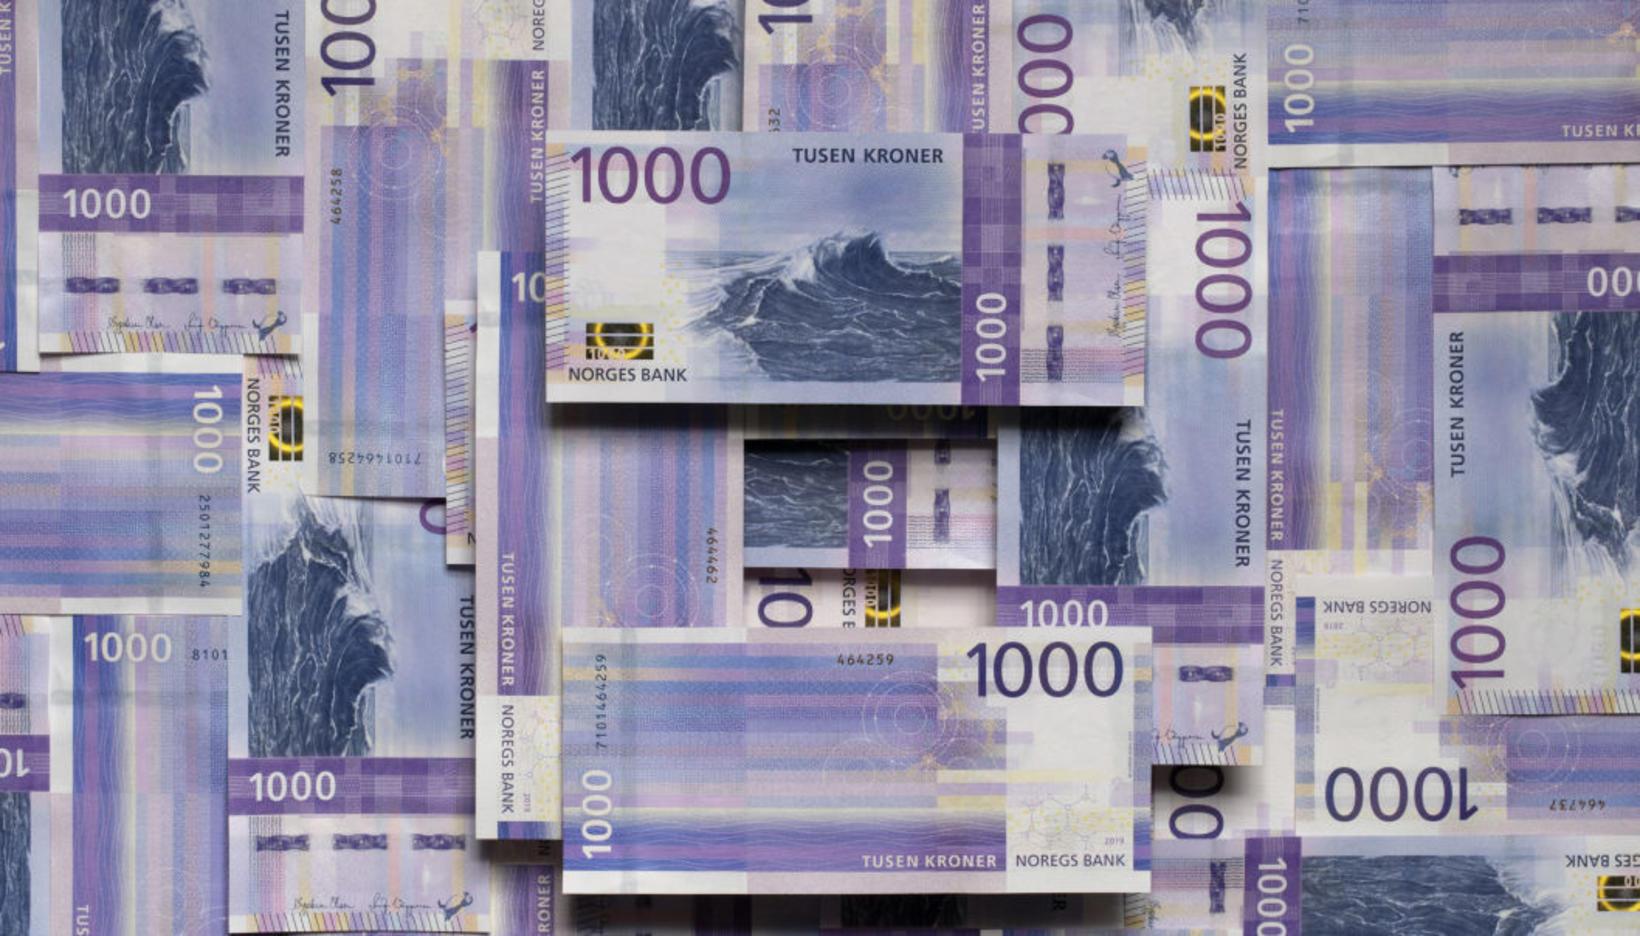 Nýju 1.000 króna seðlarnir voru settir í umferð 14. nóvember …